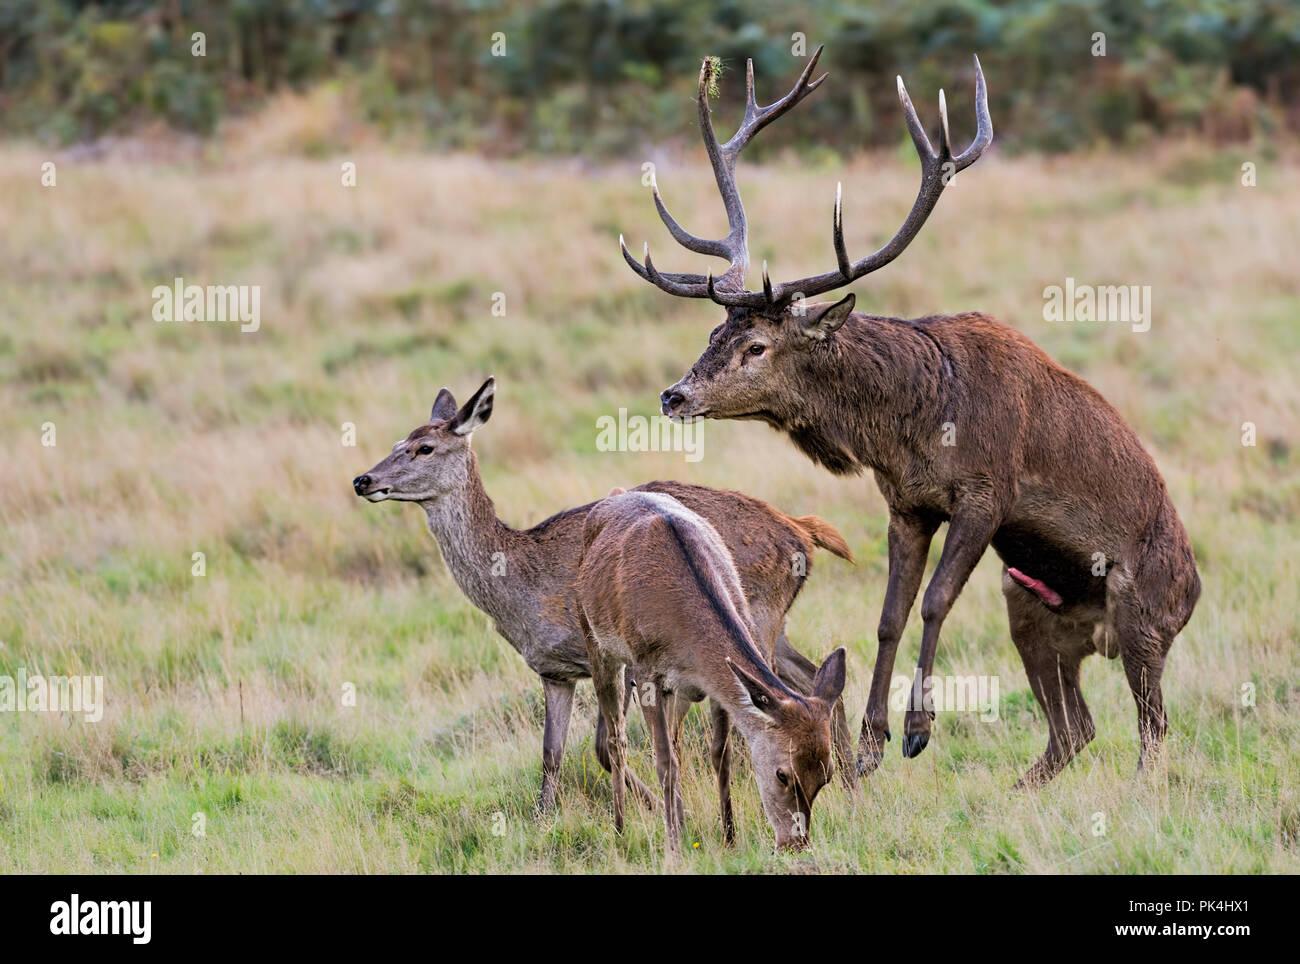 Ciervo ciervo ciervo hembra apareamiento Richmond Park UK Foto de stock